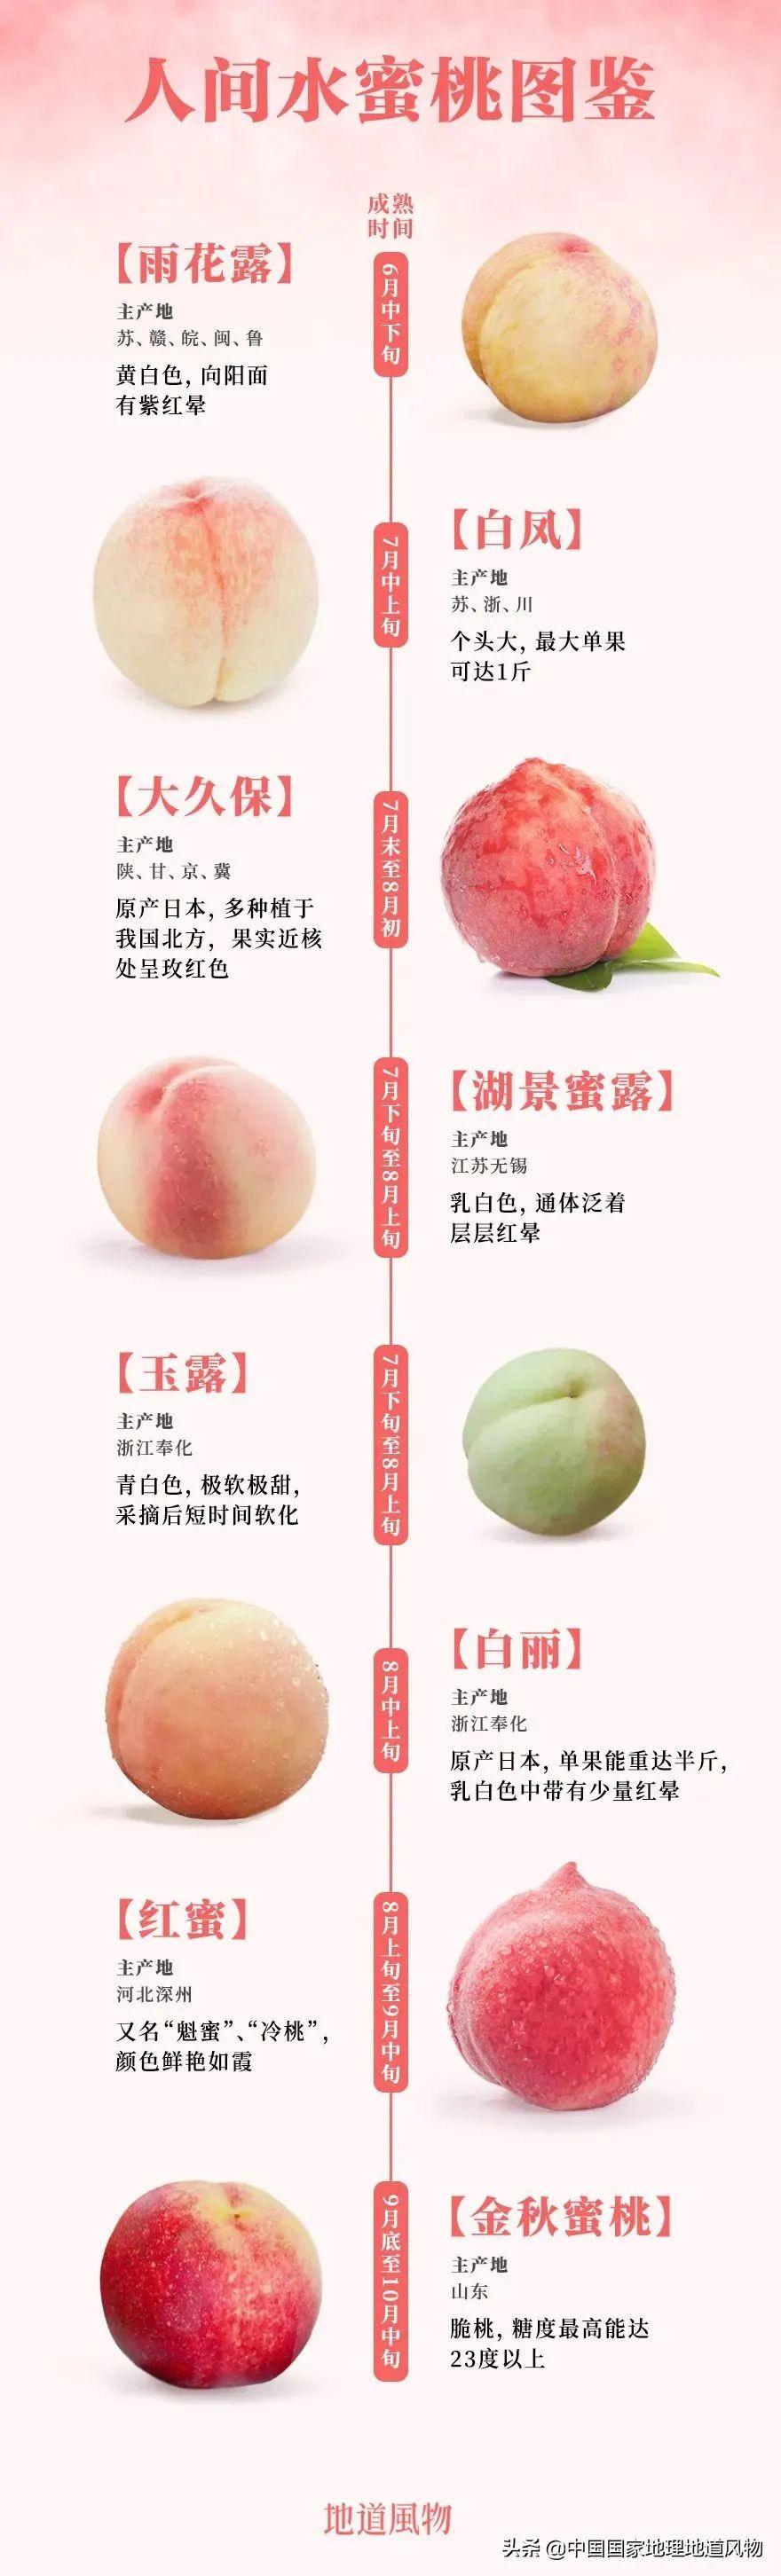 桃子图.jpg